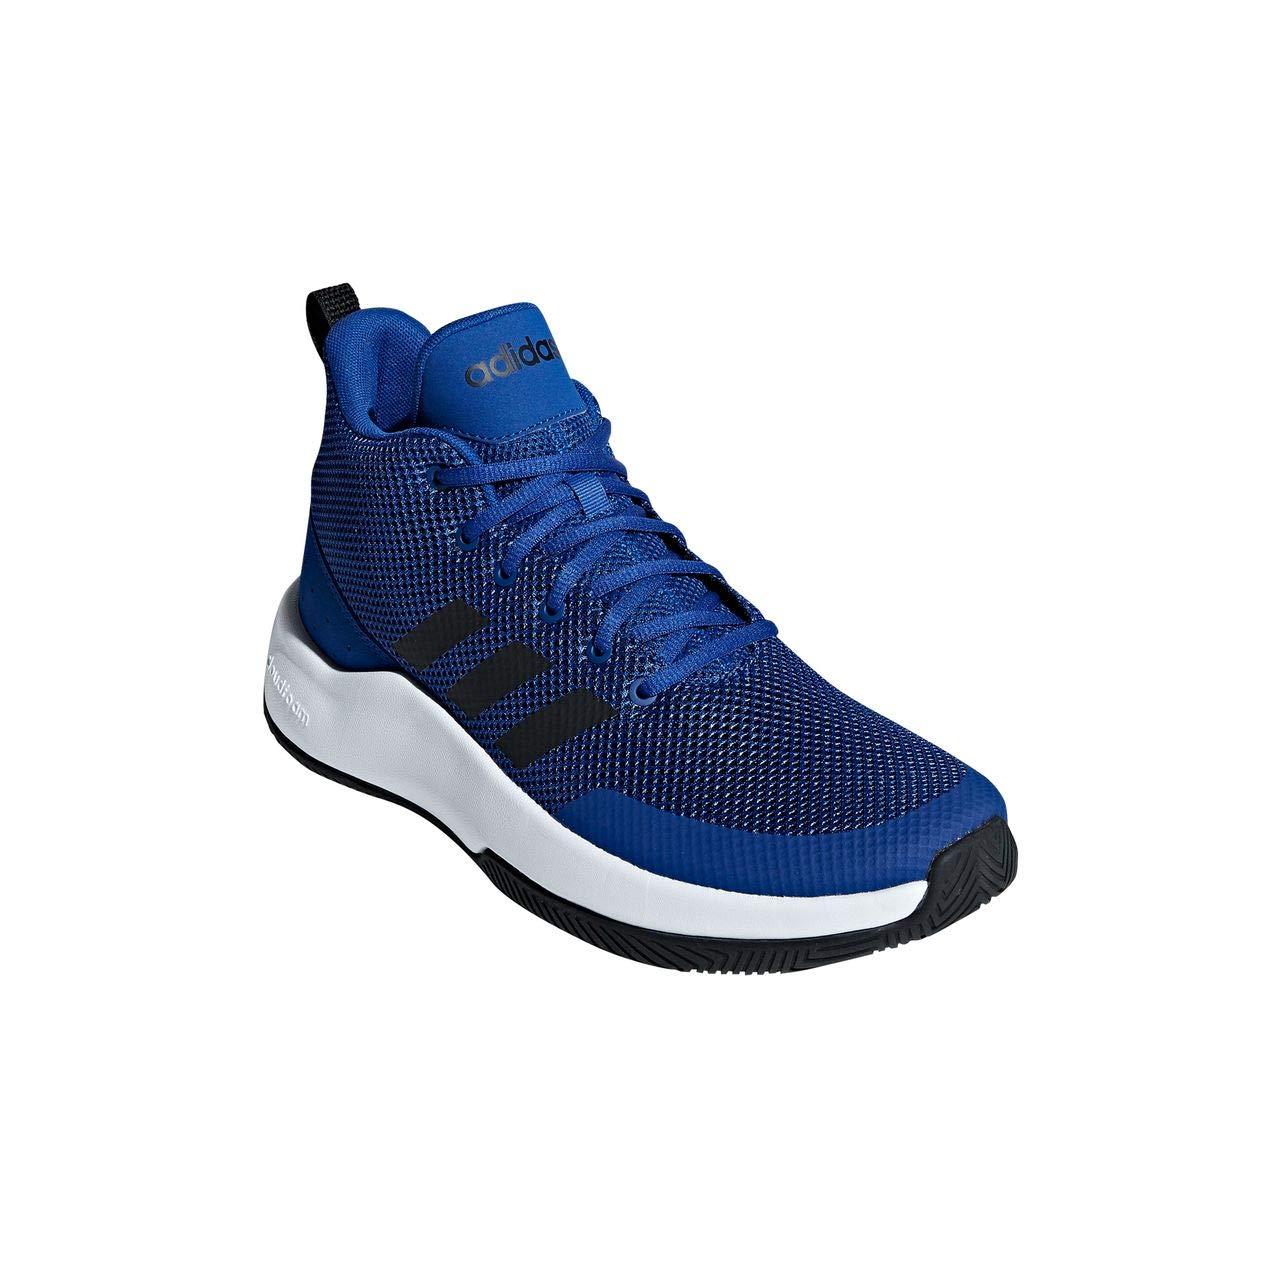 Adidas Herren Speed End2end Basketballschuhe B07DDDB9MB Basketballschuhe Basketballschuhe Basketballschuhe ein guter Ruf in der Welt 58af29